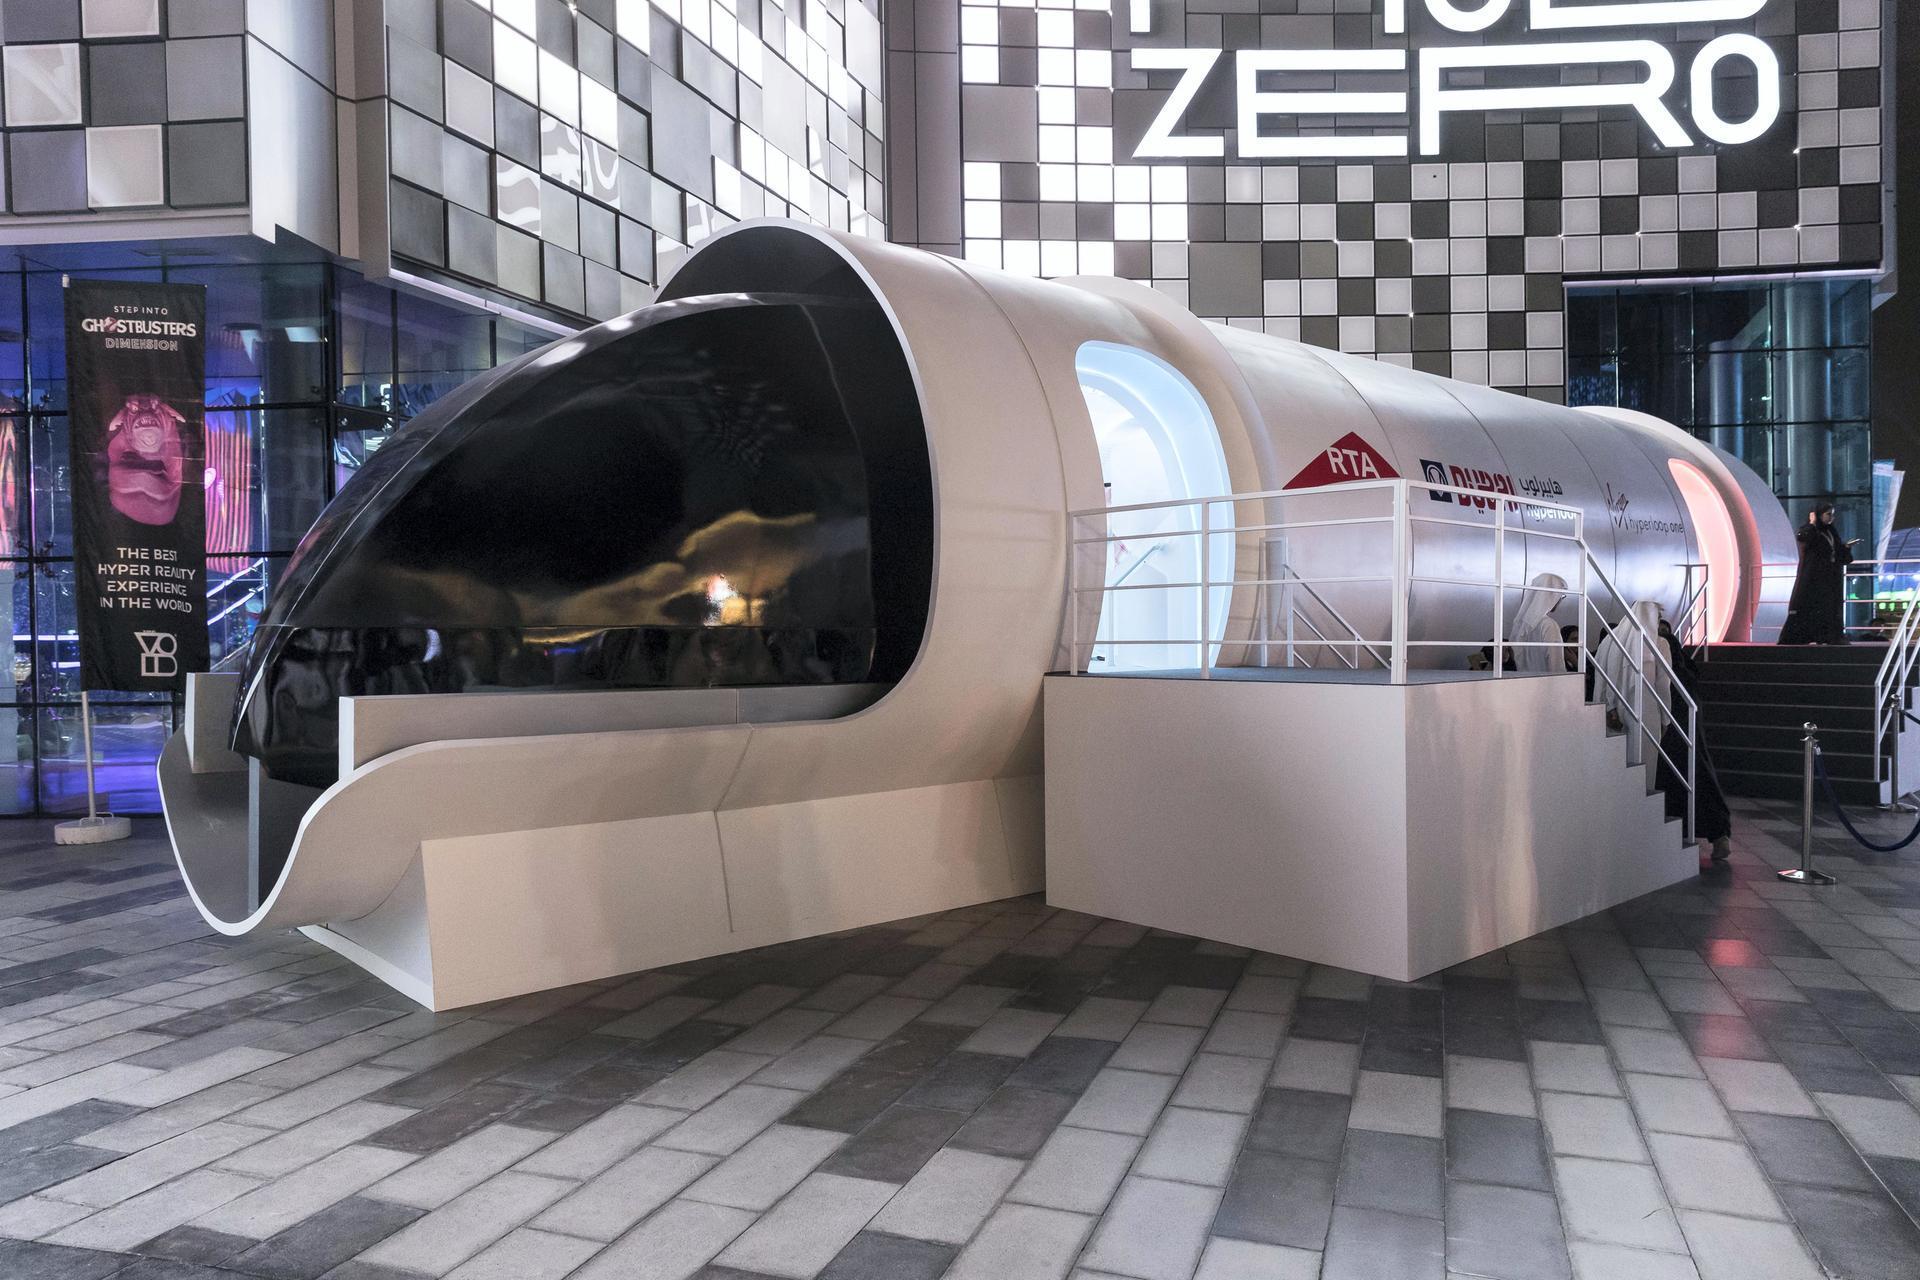 virgin-hyperloop-one-passenger-pod-prototype